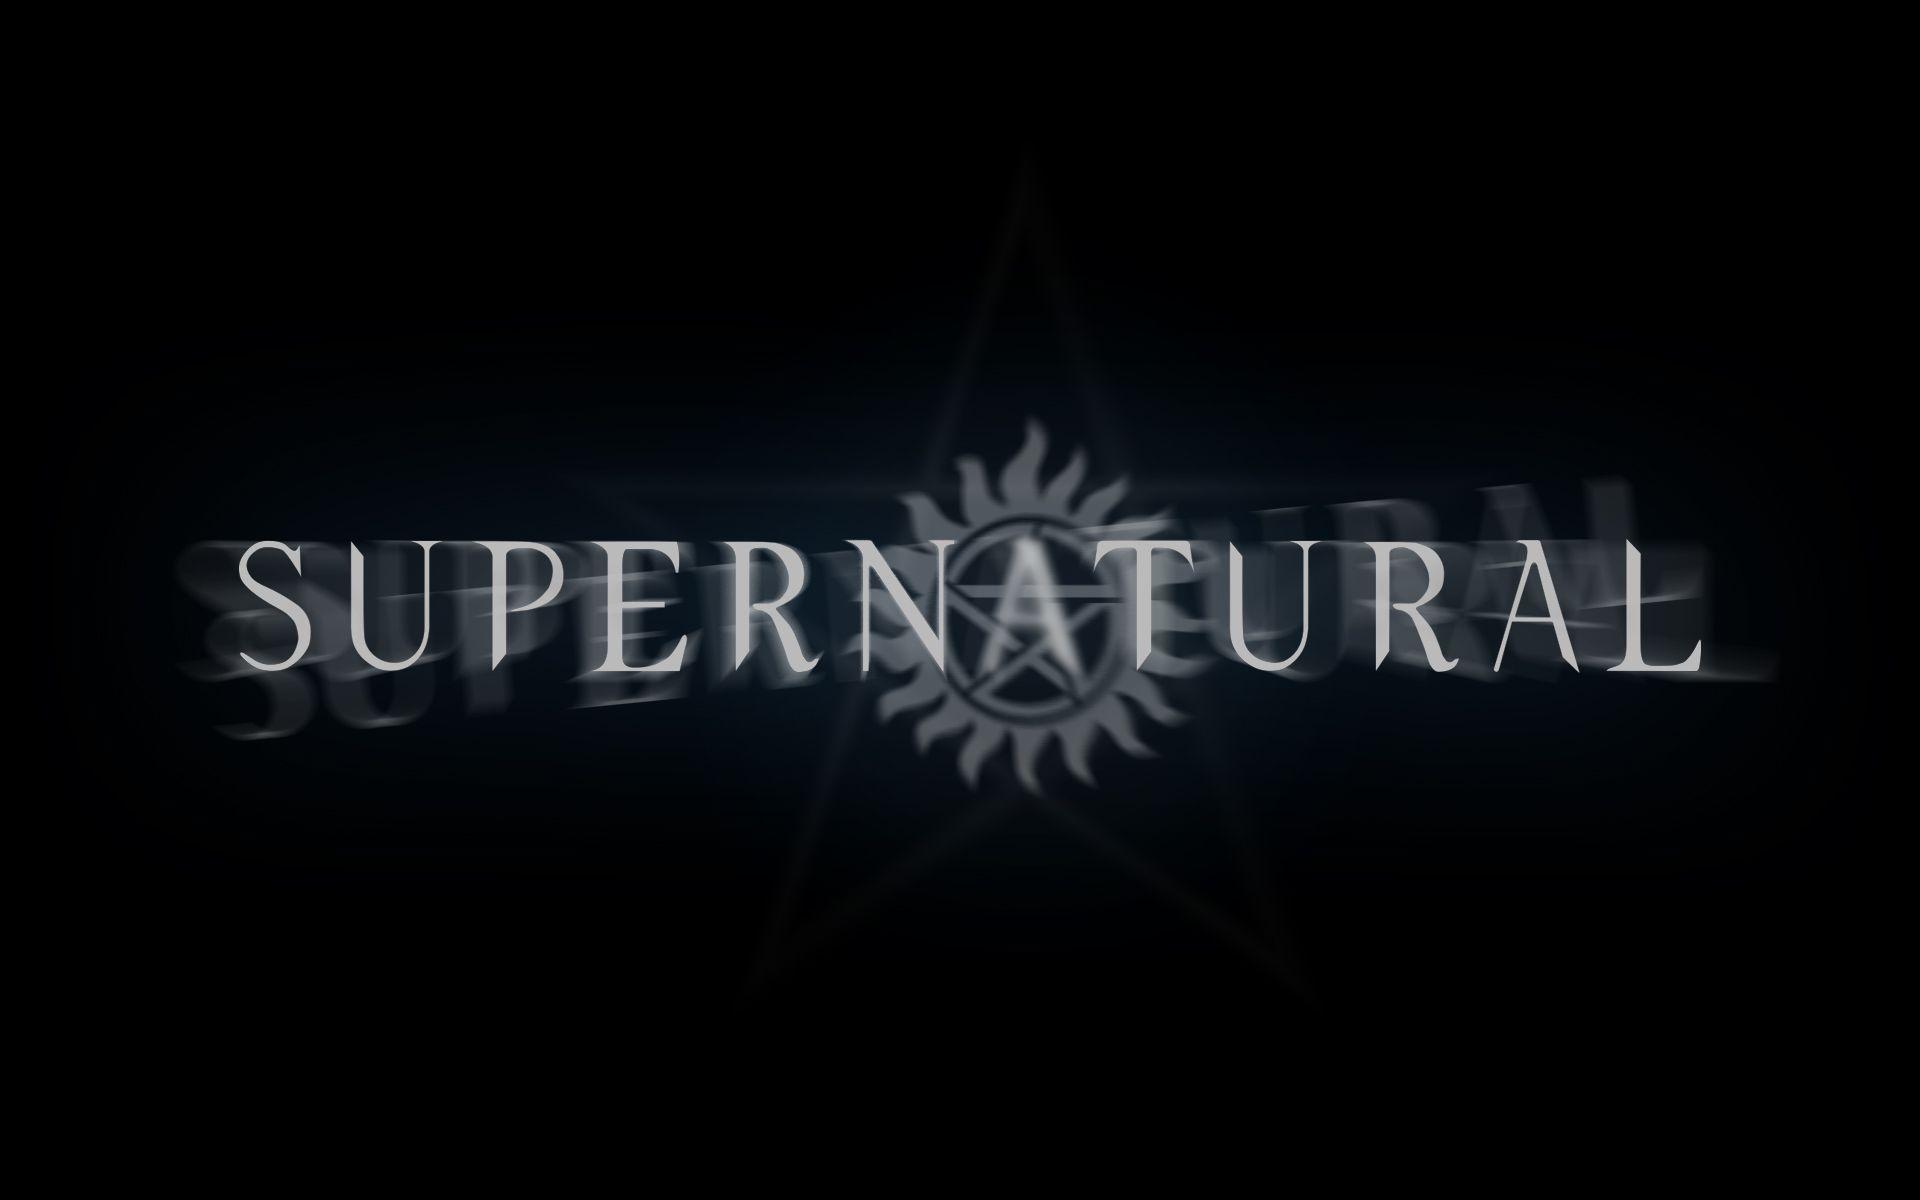 403 Forbidden Supernatural Wallpaper Supernatural Funny Supernatural Quotes